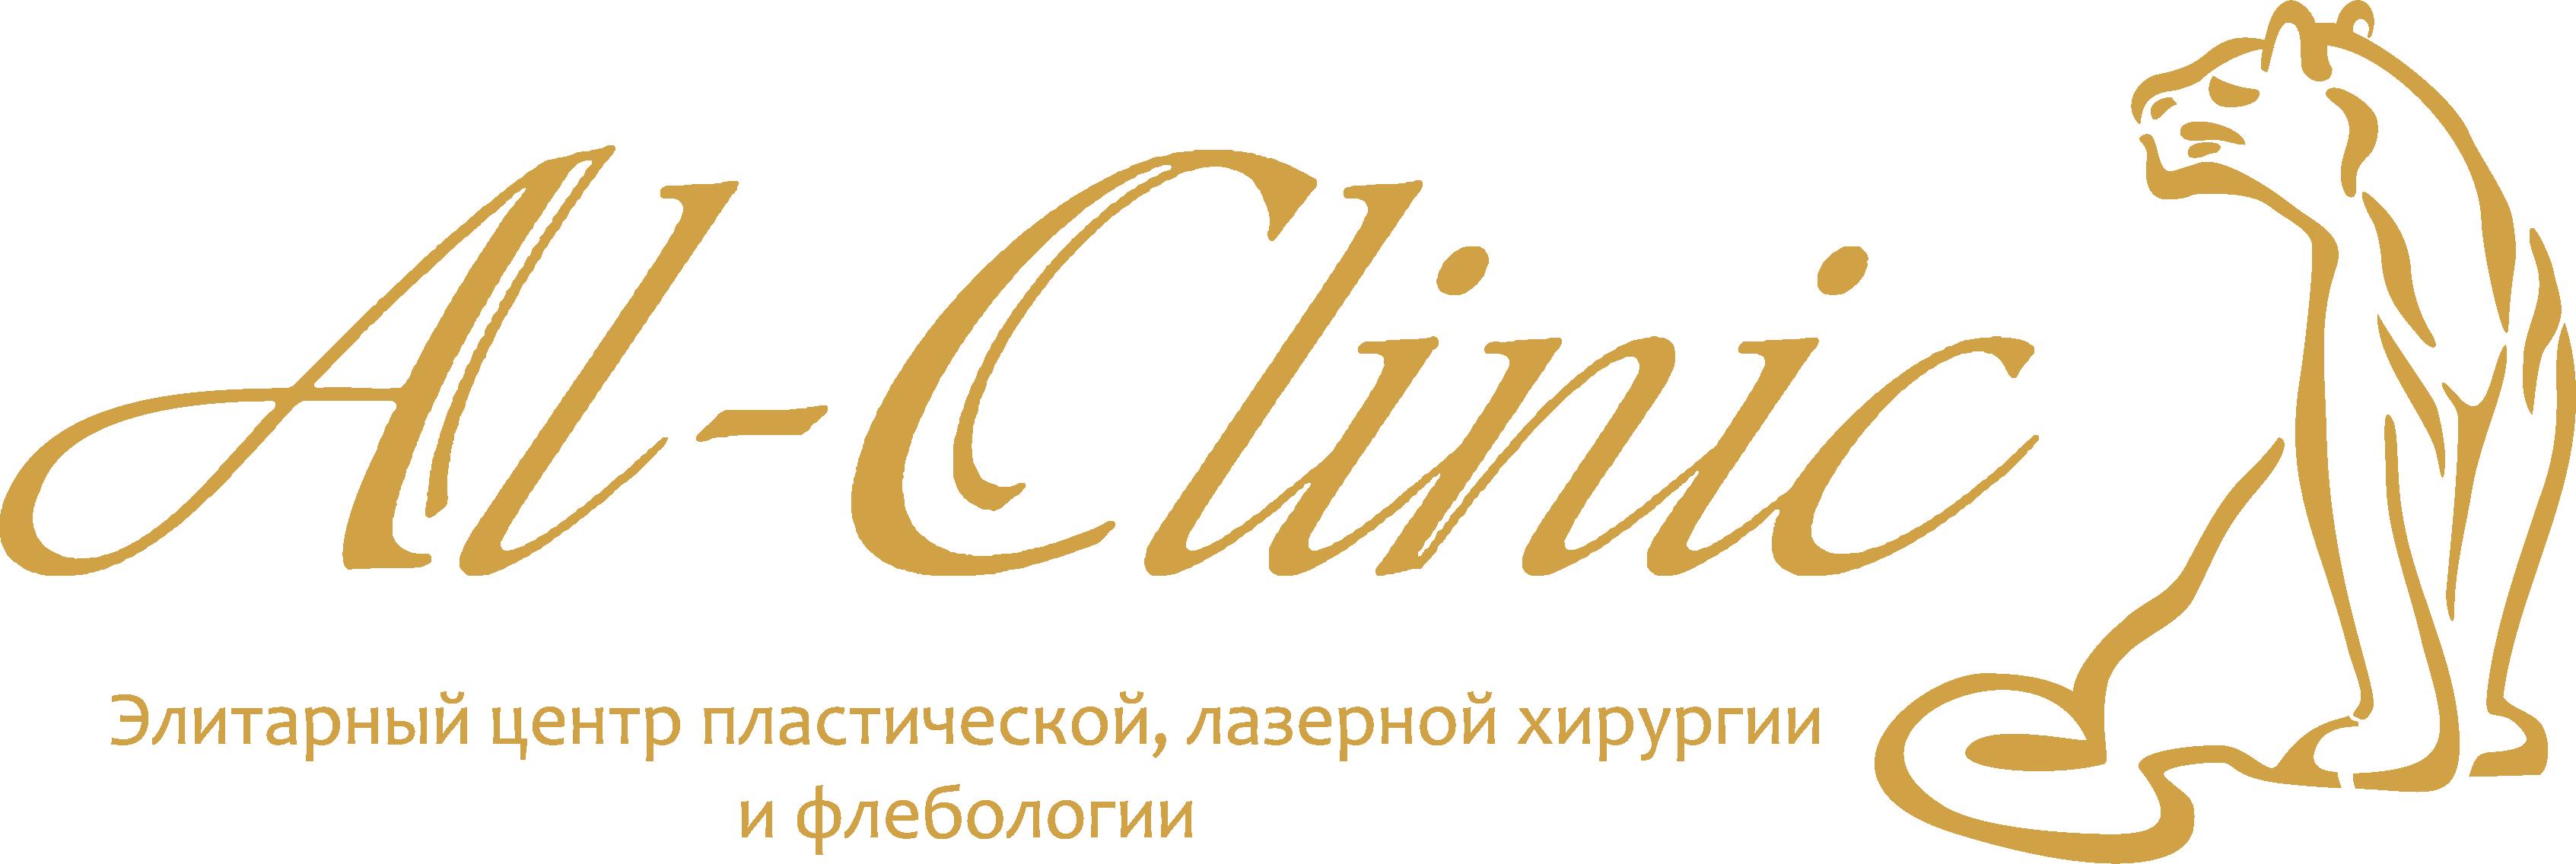 """Клиника косметологии, пластической и лазерной хирургии """"AL-CLINIC"""""""